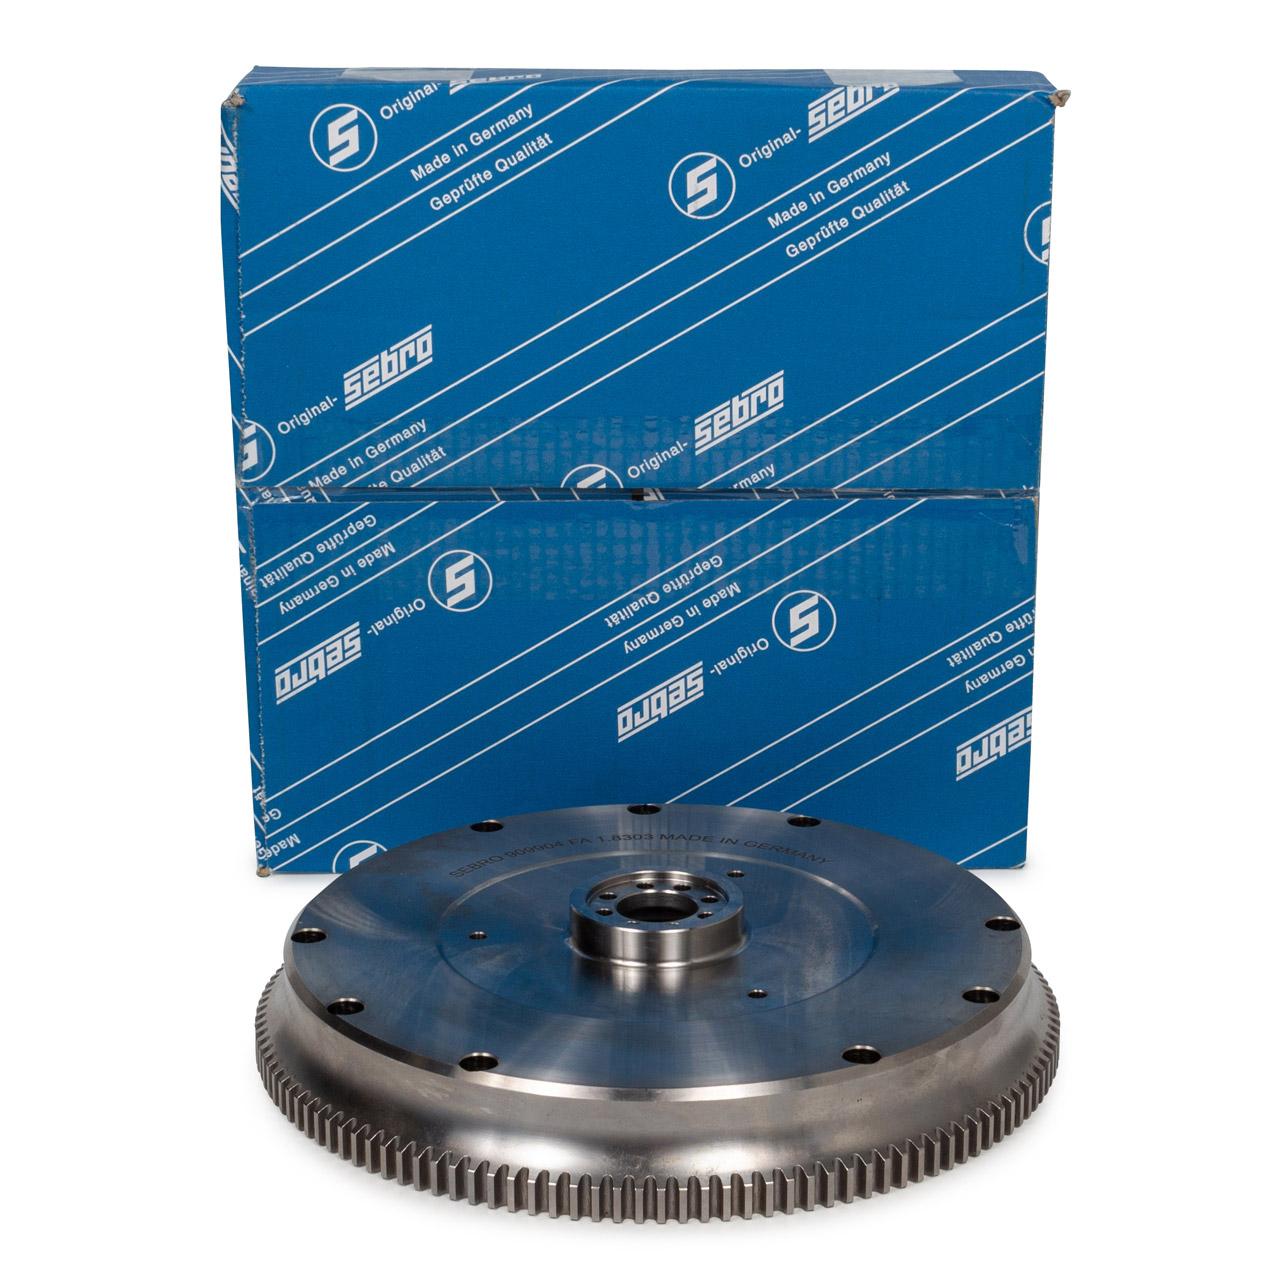 SEBRO Schwungrad für PORSCHE 912 1.6 90 PS 01.1965-12.1969 61610220401